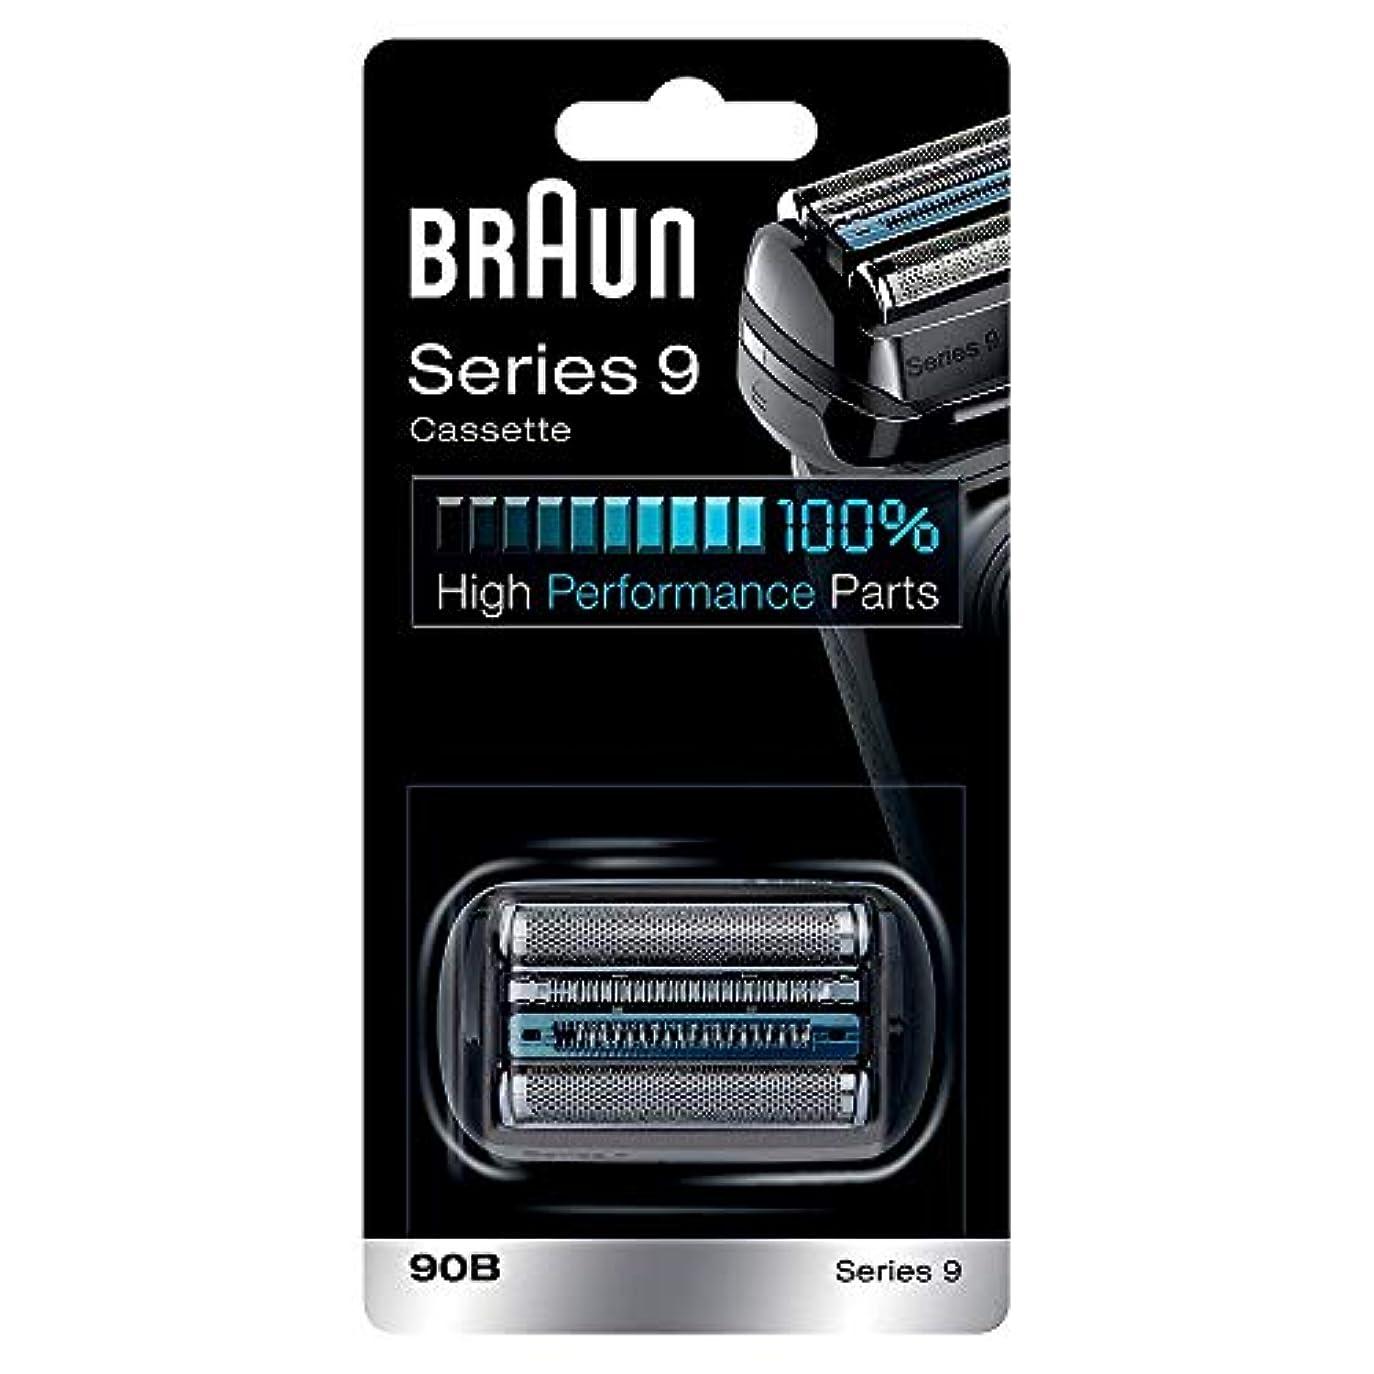 謝罪するスローガン鼻Braun 90B シリーズ9電気かみそりのためのブラックフォイルカッターヘッドパック 90B [並行輸入品]